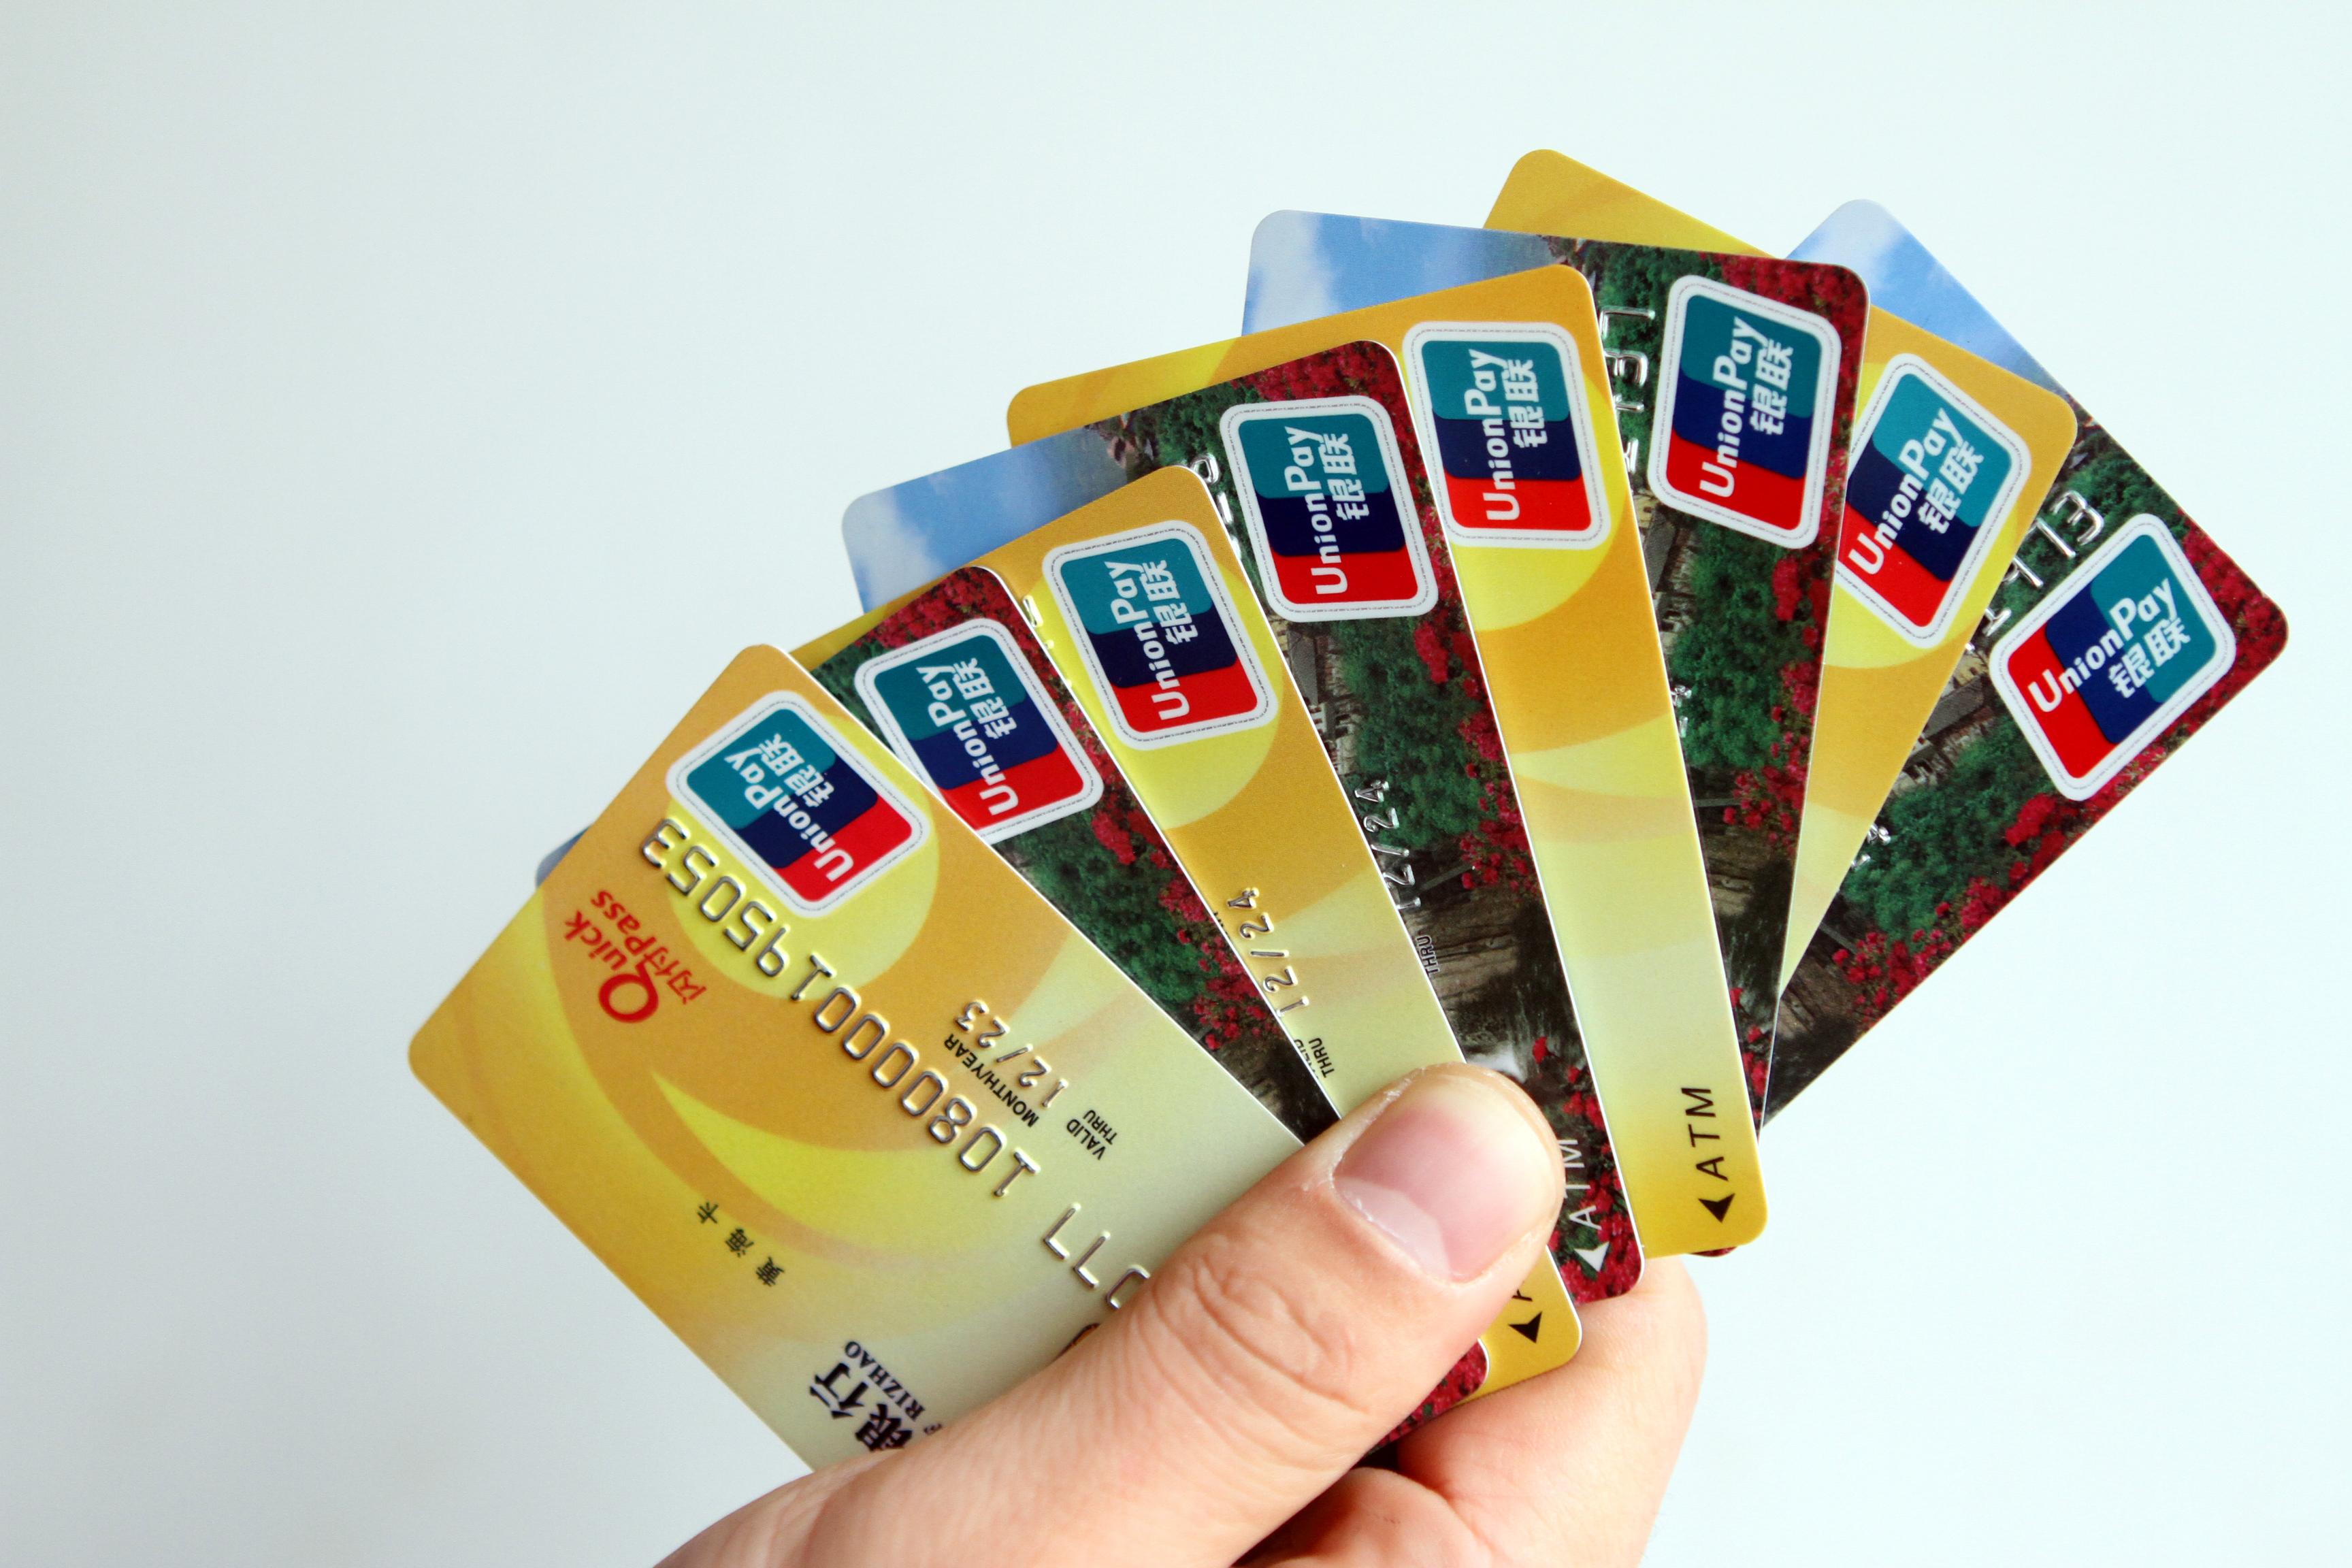 信用卡欠款已无力偿还?避开这5种雷点,这样做,早脱苦海!